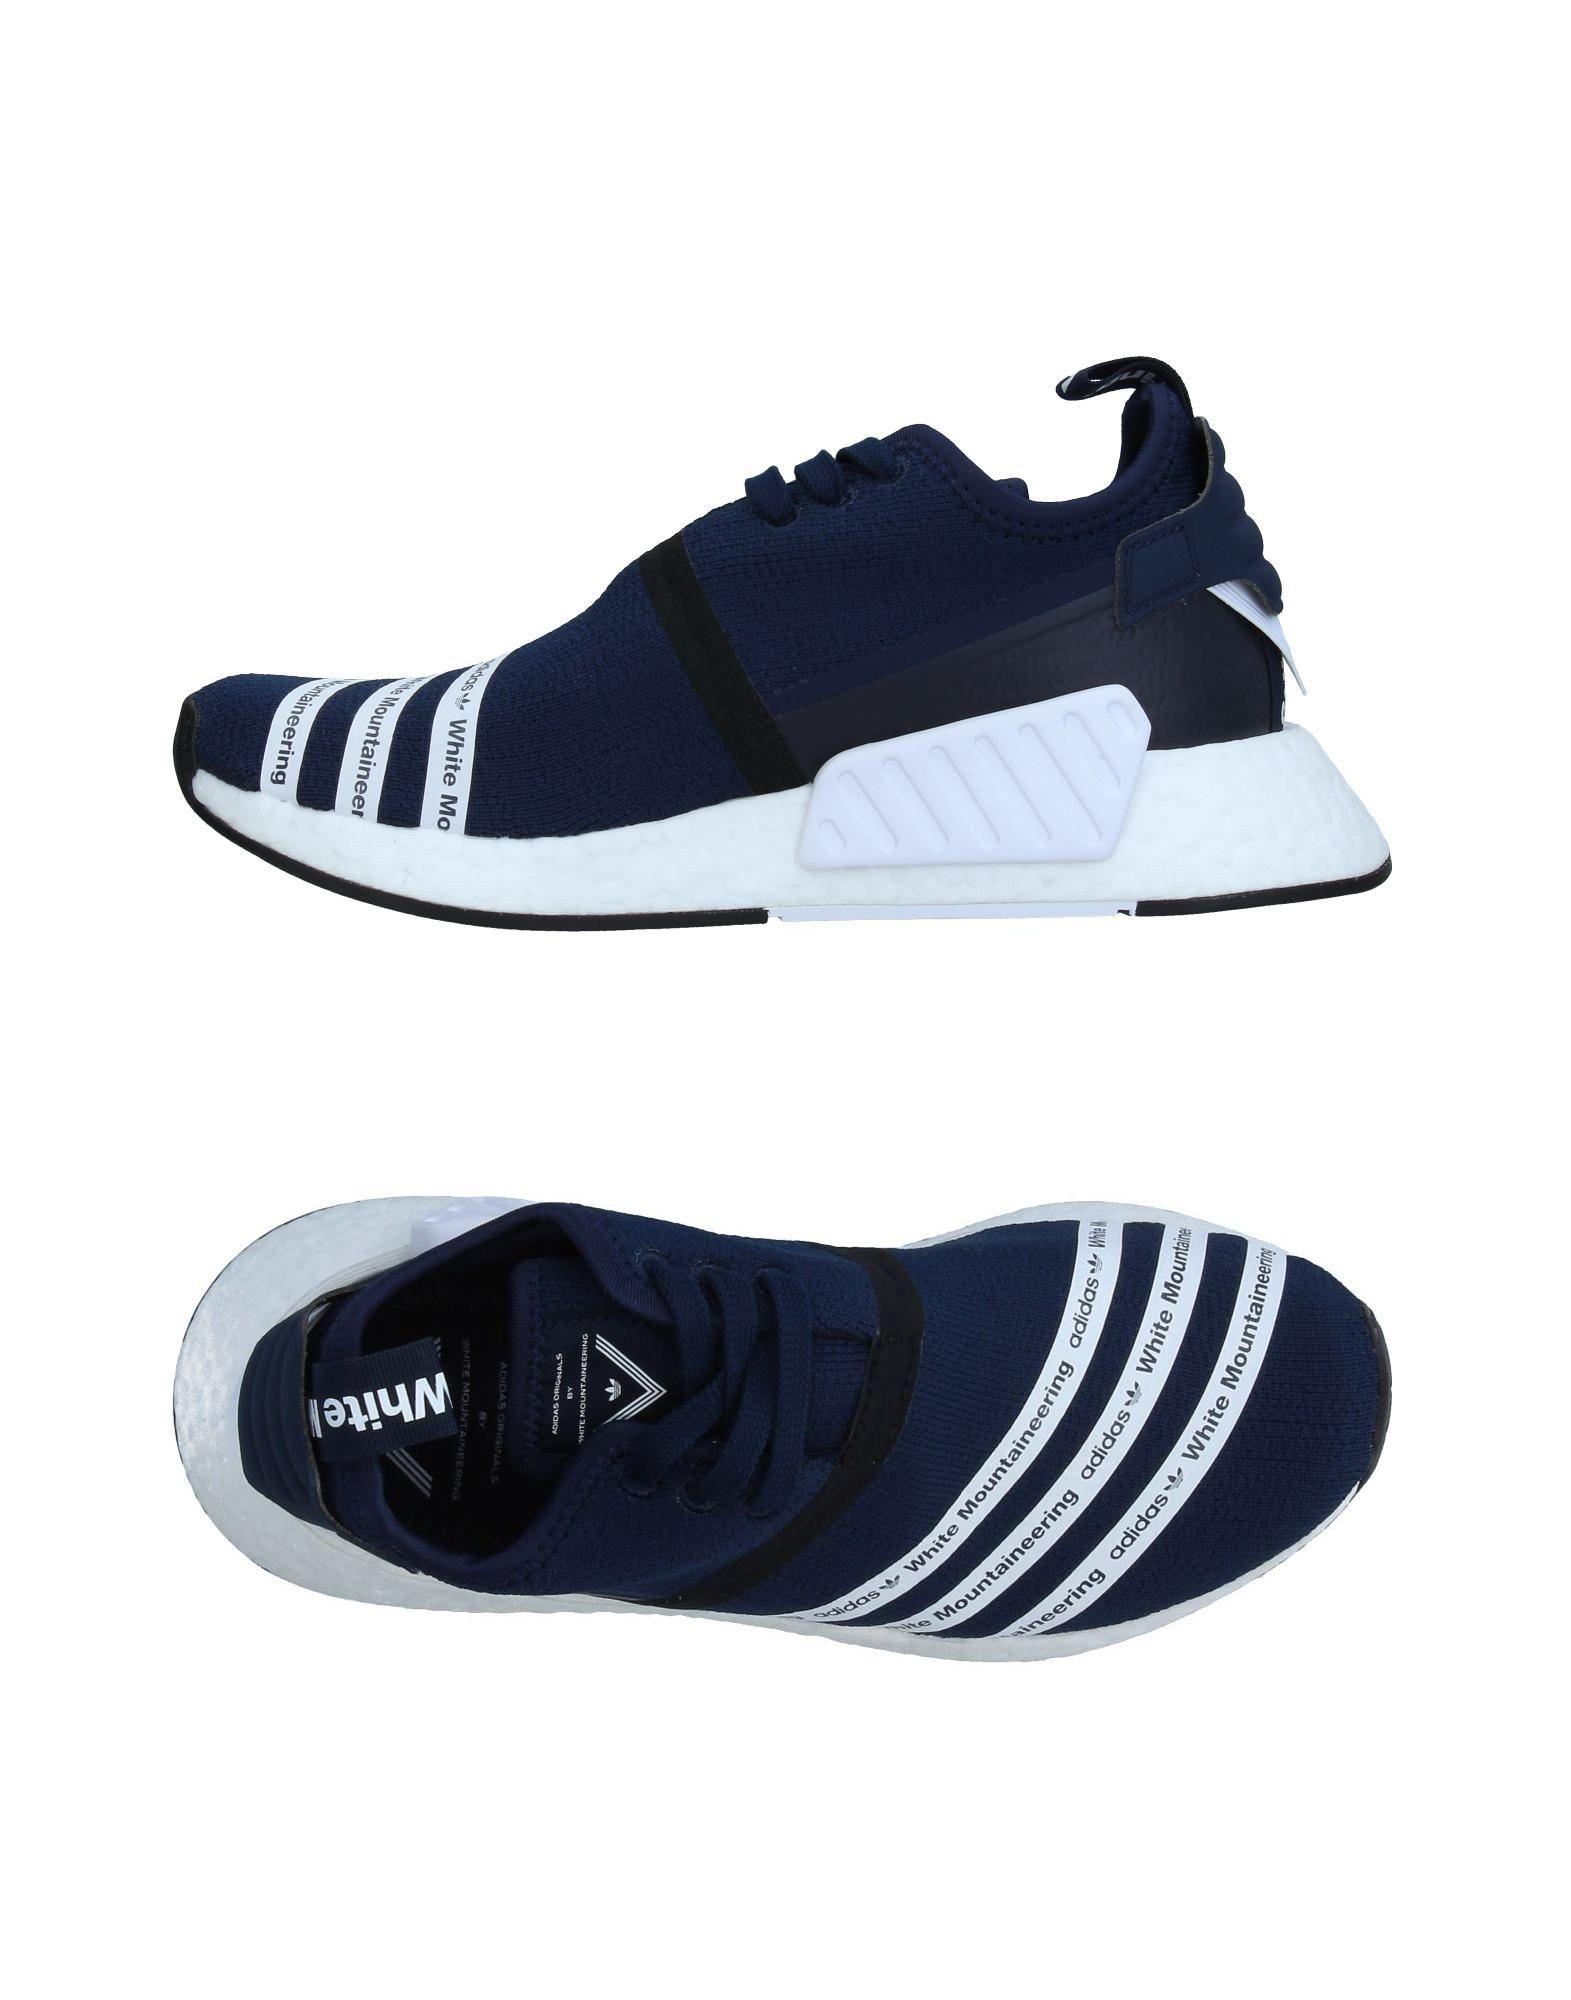 ADIDAS Низкие кеды и кроссовки кроссовки adidas b25275 b25278 b25192 b25277 b44518 b24282